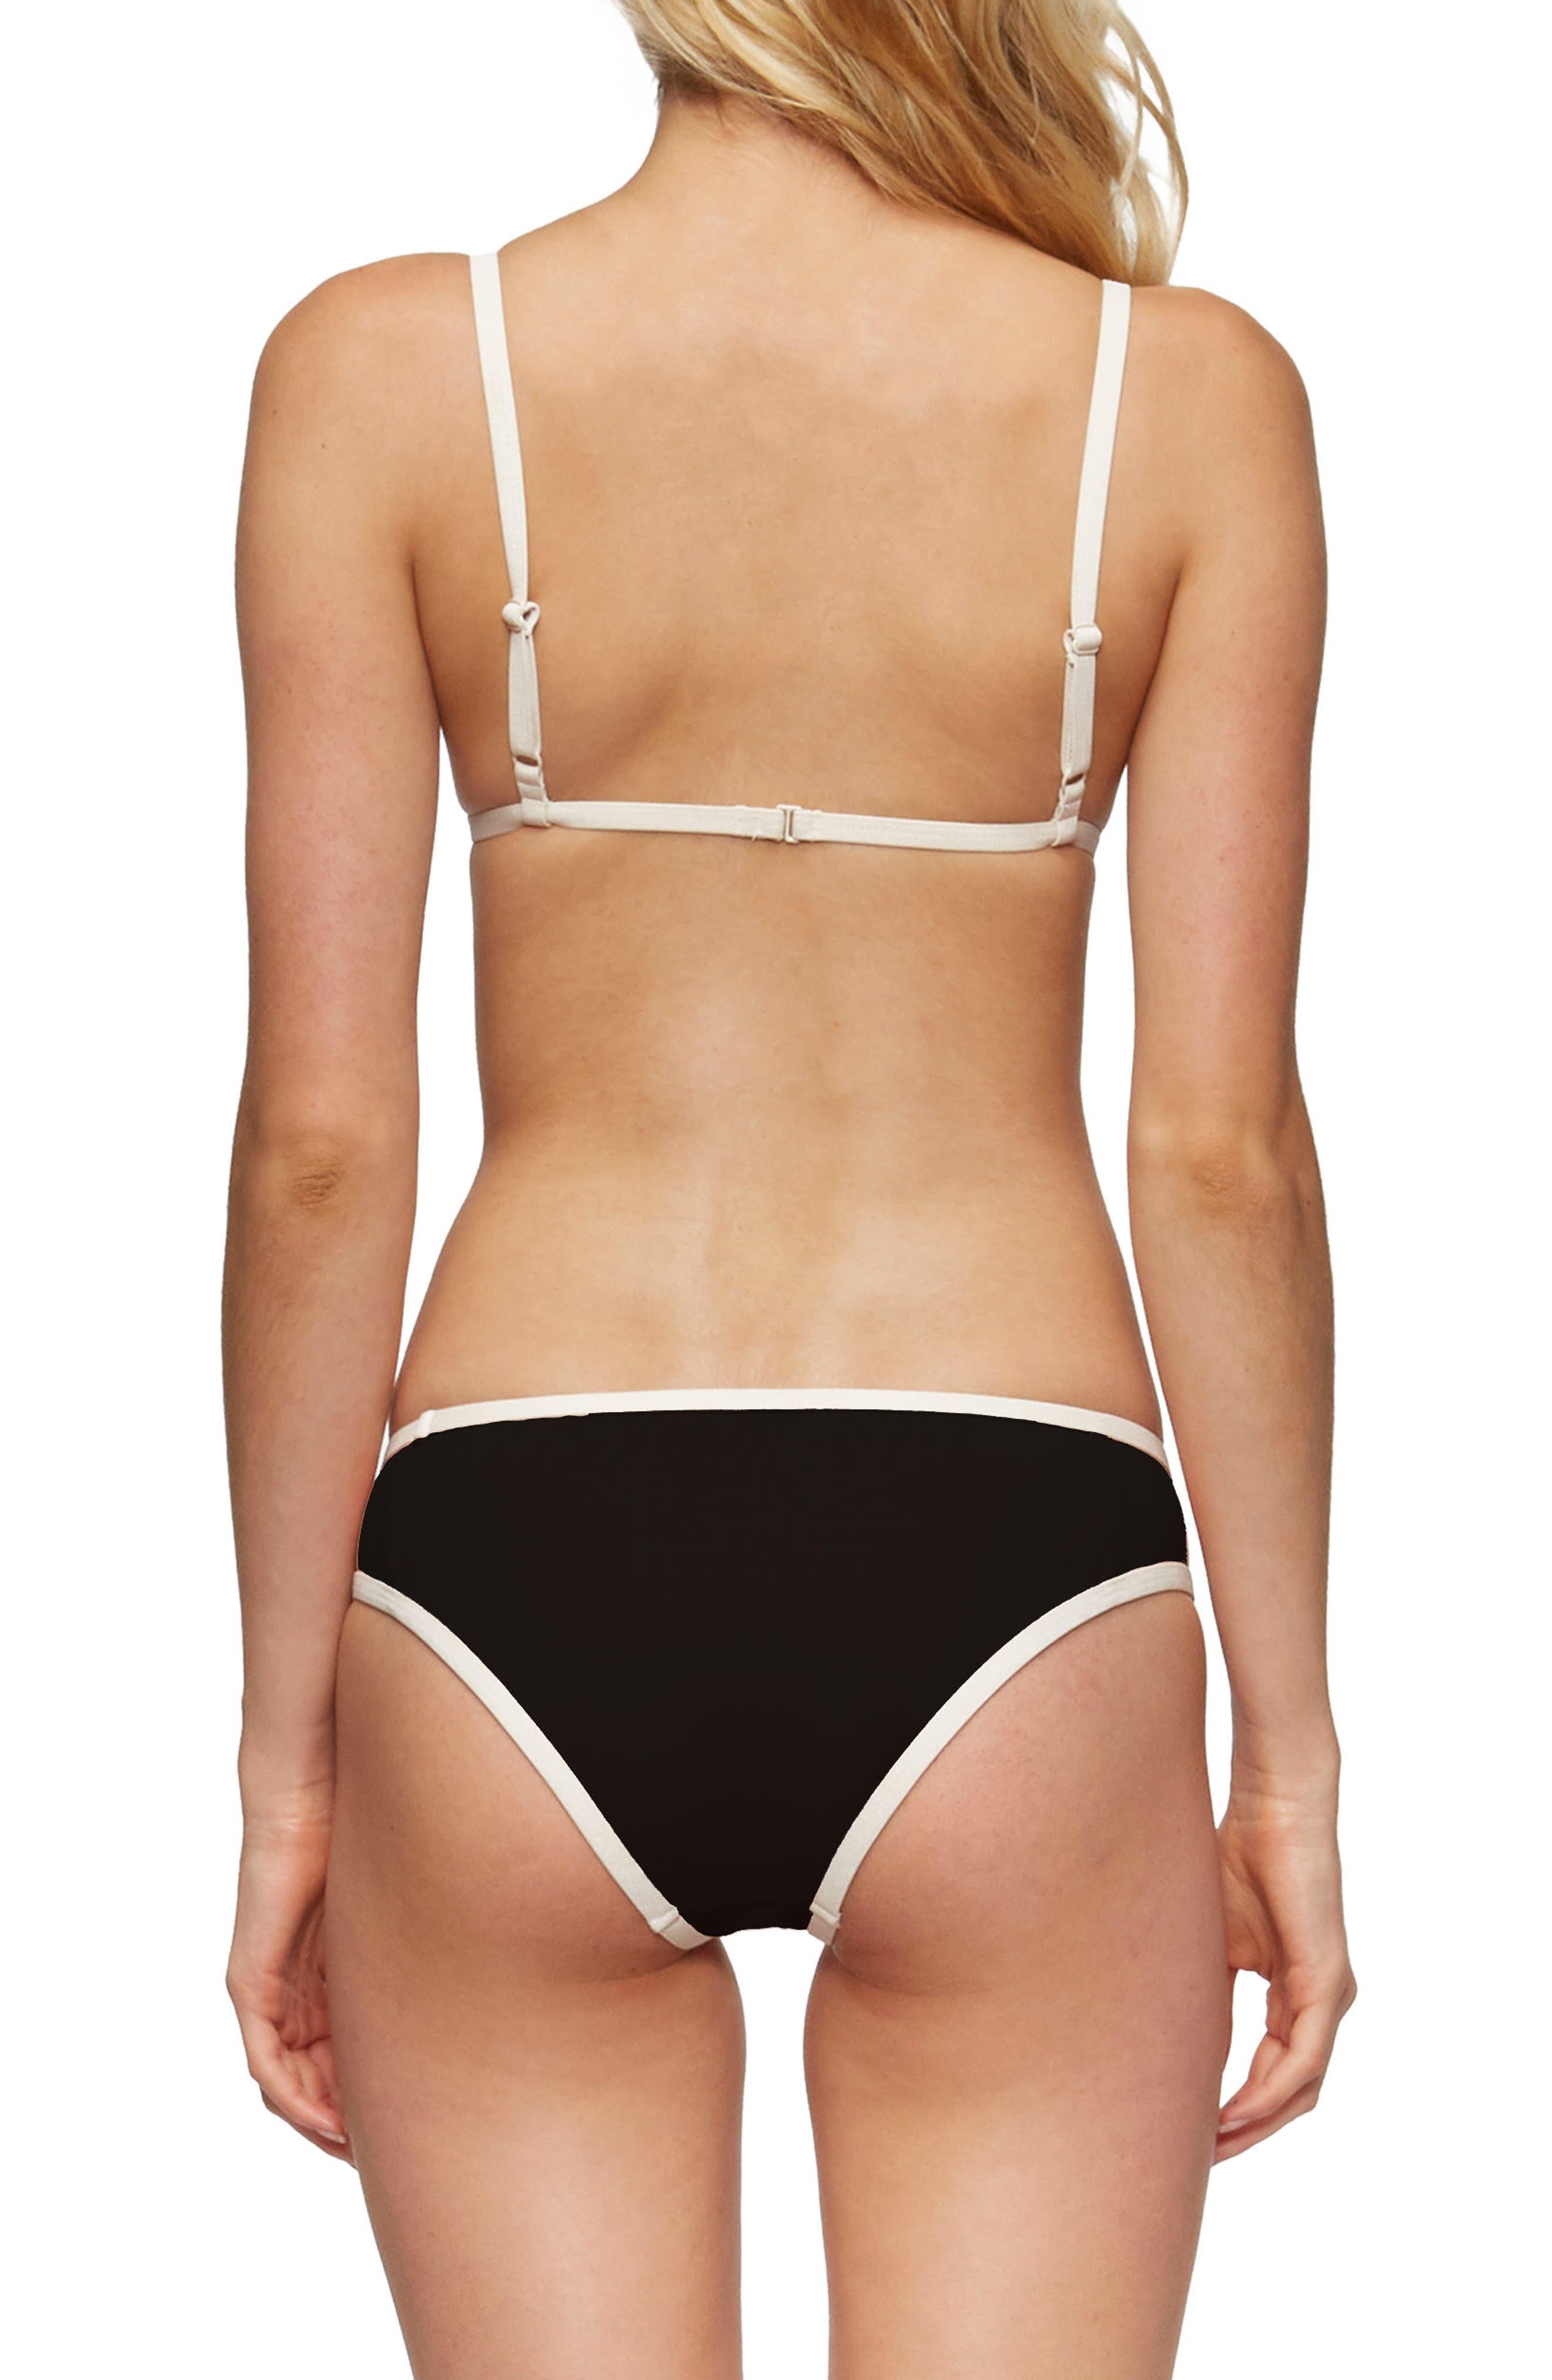 Jett Bikini Top,                             Alternate thumbnail 5, color,                             Black/ Tapioca